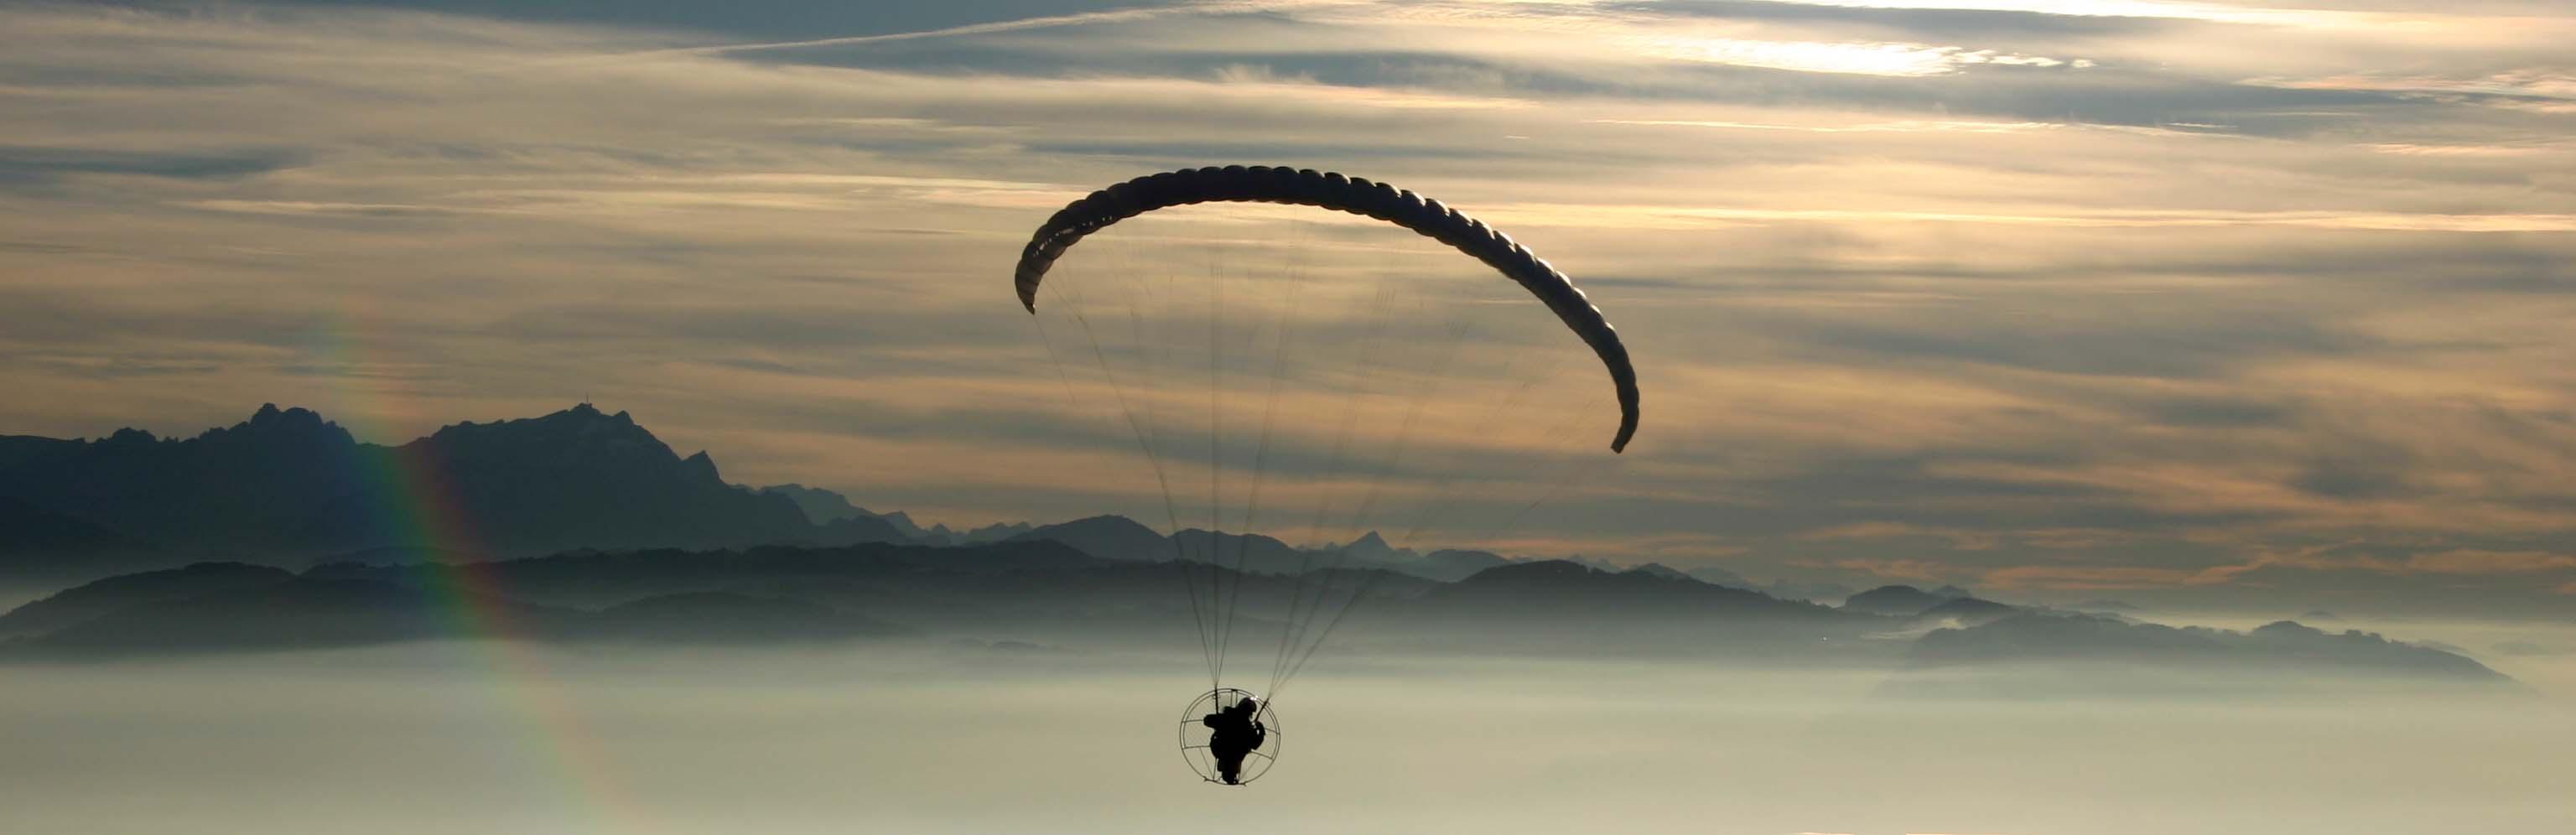 flug mit dem motorschirm über dem Bodensee mit Nebel